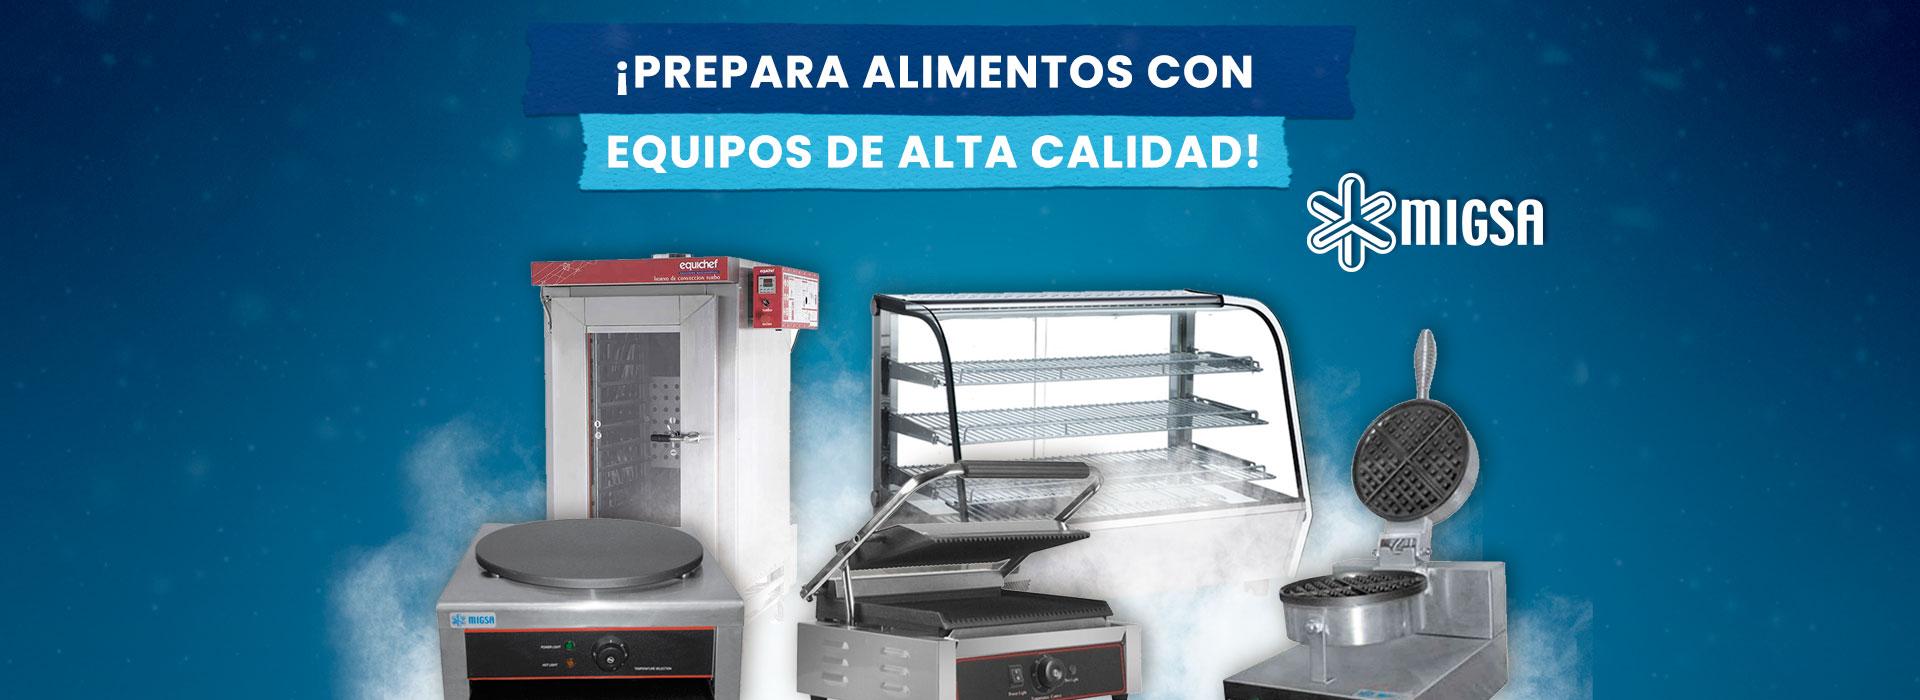 marmaq banner migsa 2 - MARMAQ | Equipos de refrigeración, procesamiento y básculas